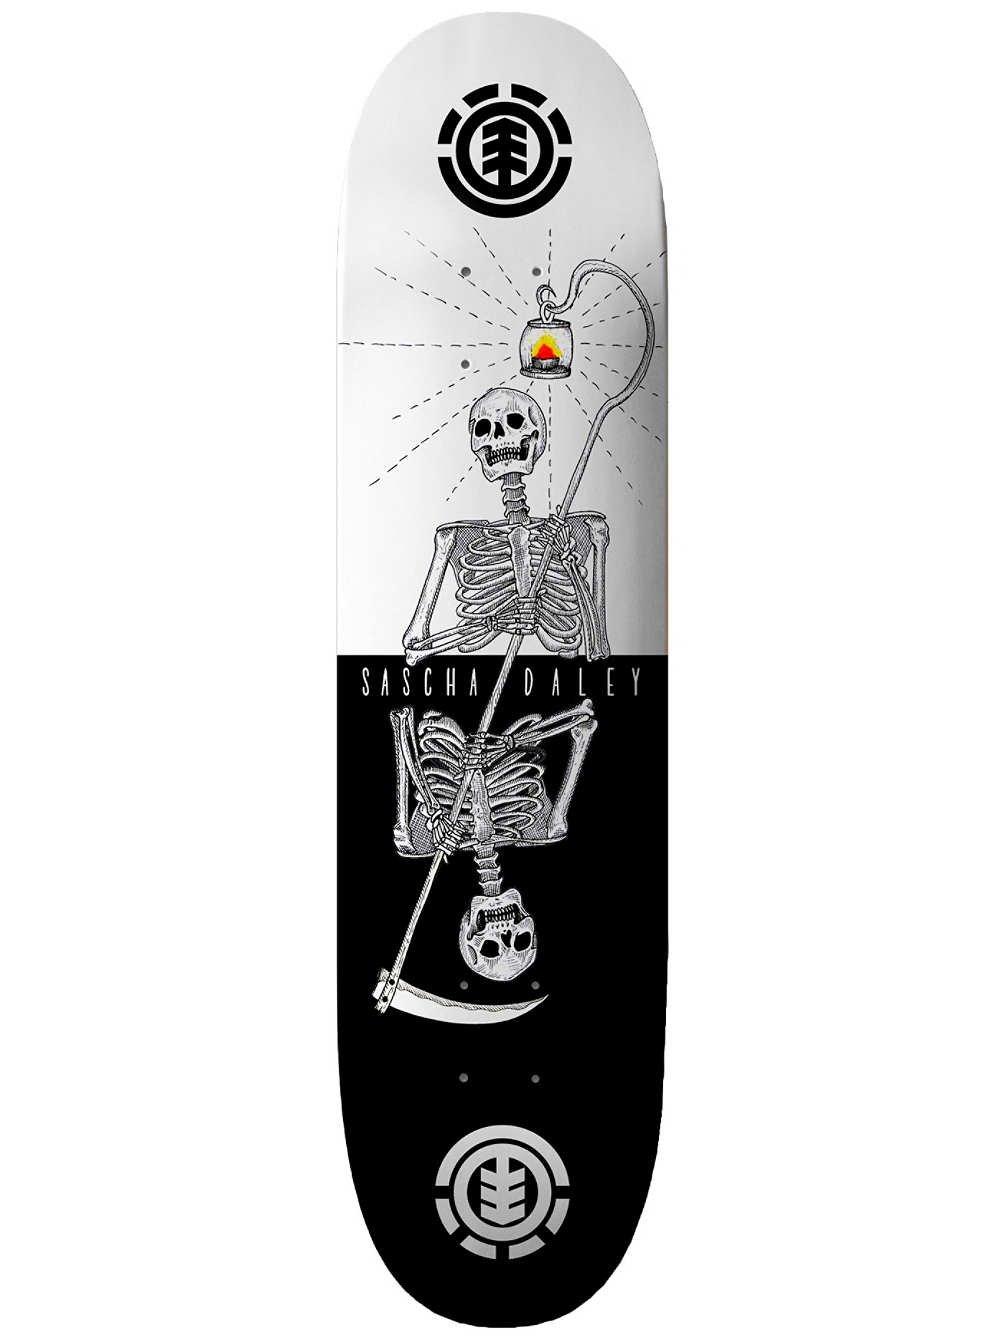 Element Skateboard Deck Reaper Reaper Reaper Sascha - 8.25 inch Bianco-Nero (Default, Bianco) B07FLPLGMG Parent | Garanzia autentica  | attività di esportazione in linea  | Bella apparenza  | Ricca consegna puntuale  | Ad un prezzo inferiore  | Numeroso Nella Vari f202a6